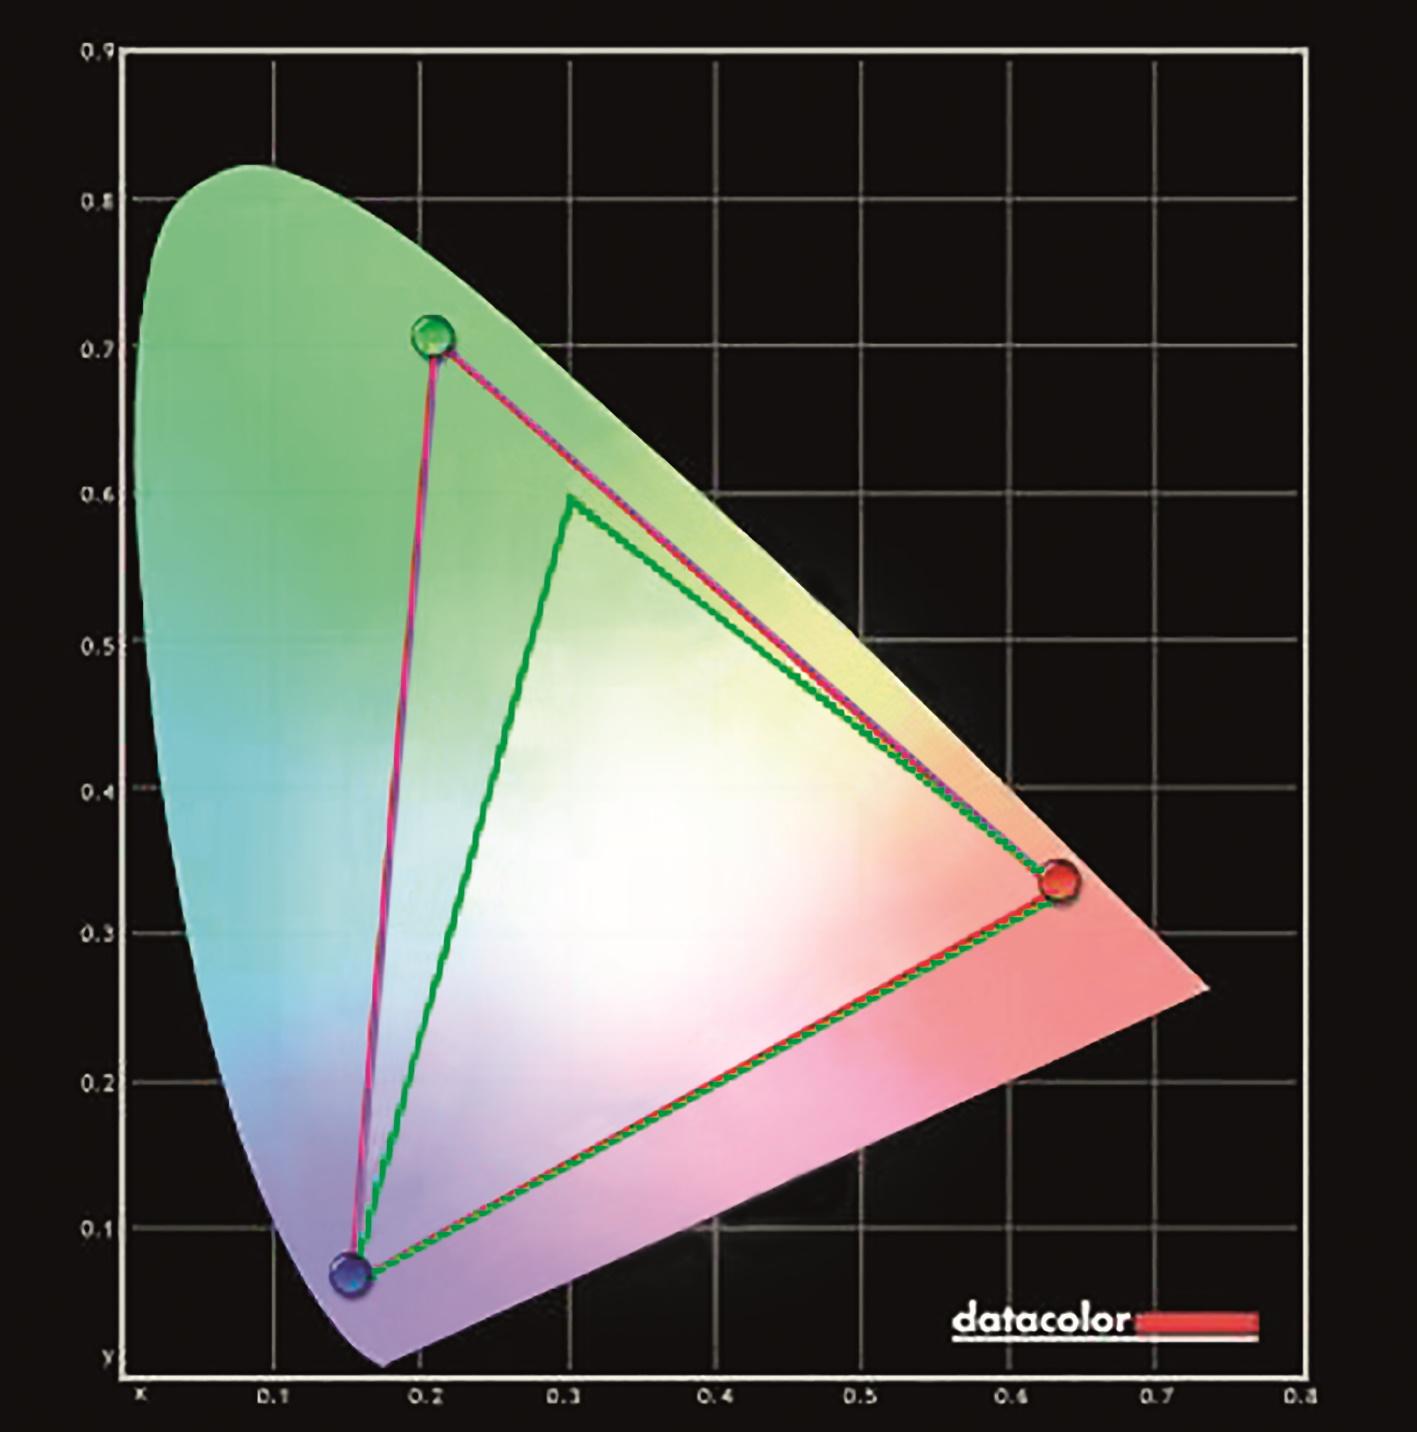 Rotes Dreieck: der Bildschirm. Blaues Dreieck: der Adobe-RGB-Farbraum (vollständig verdeckt). Grünes Dreieck (zum Vergleich): der NTSC-Farbraum.